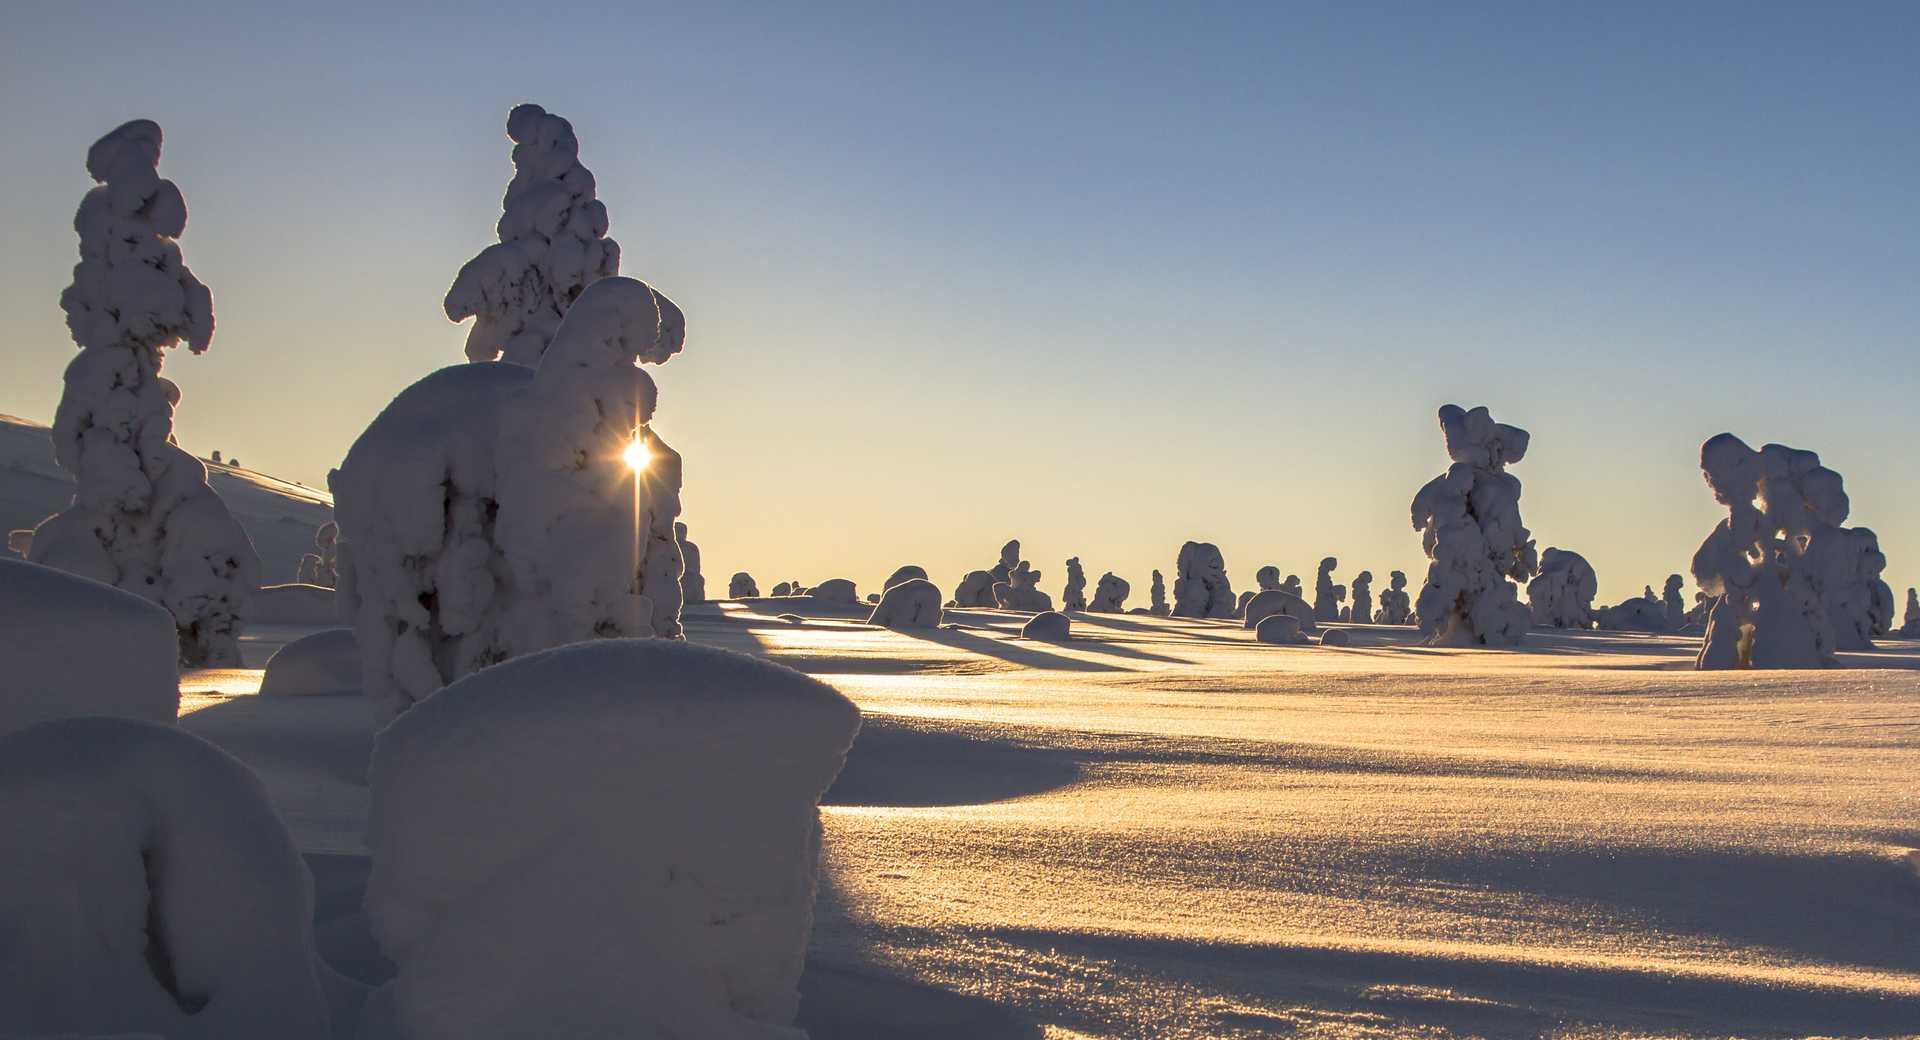 Taiga finlaidaise sous la neige